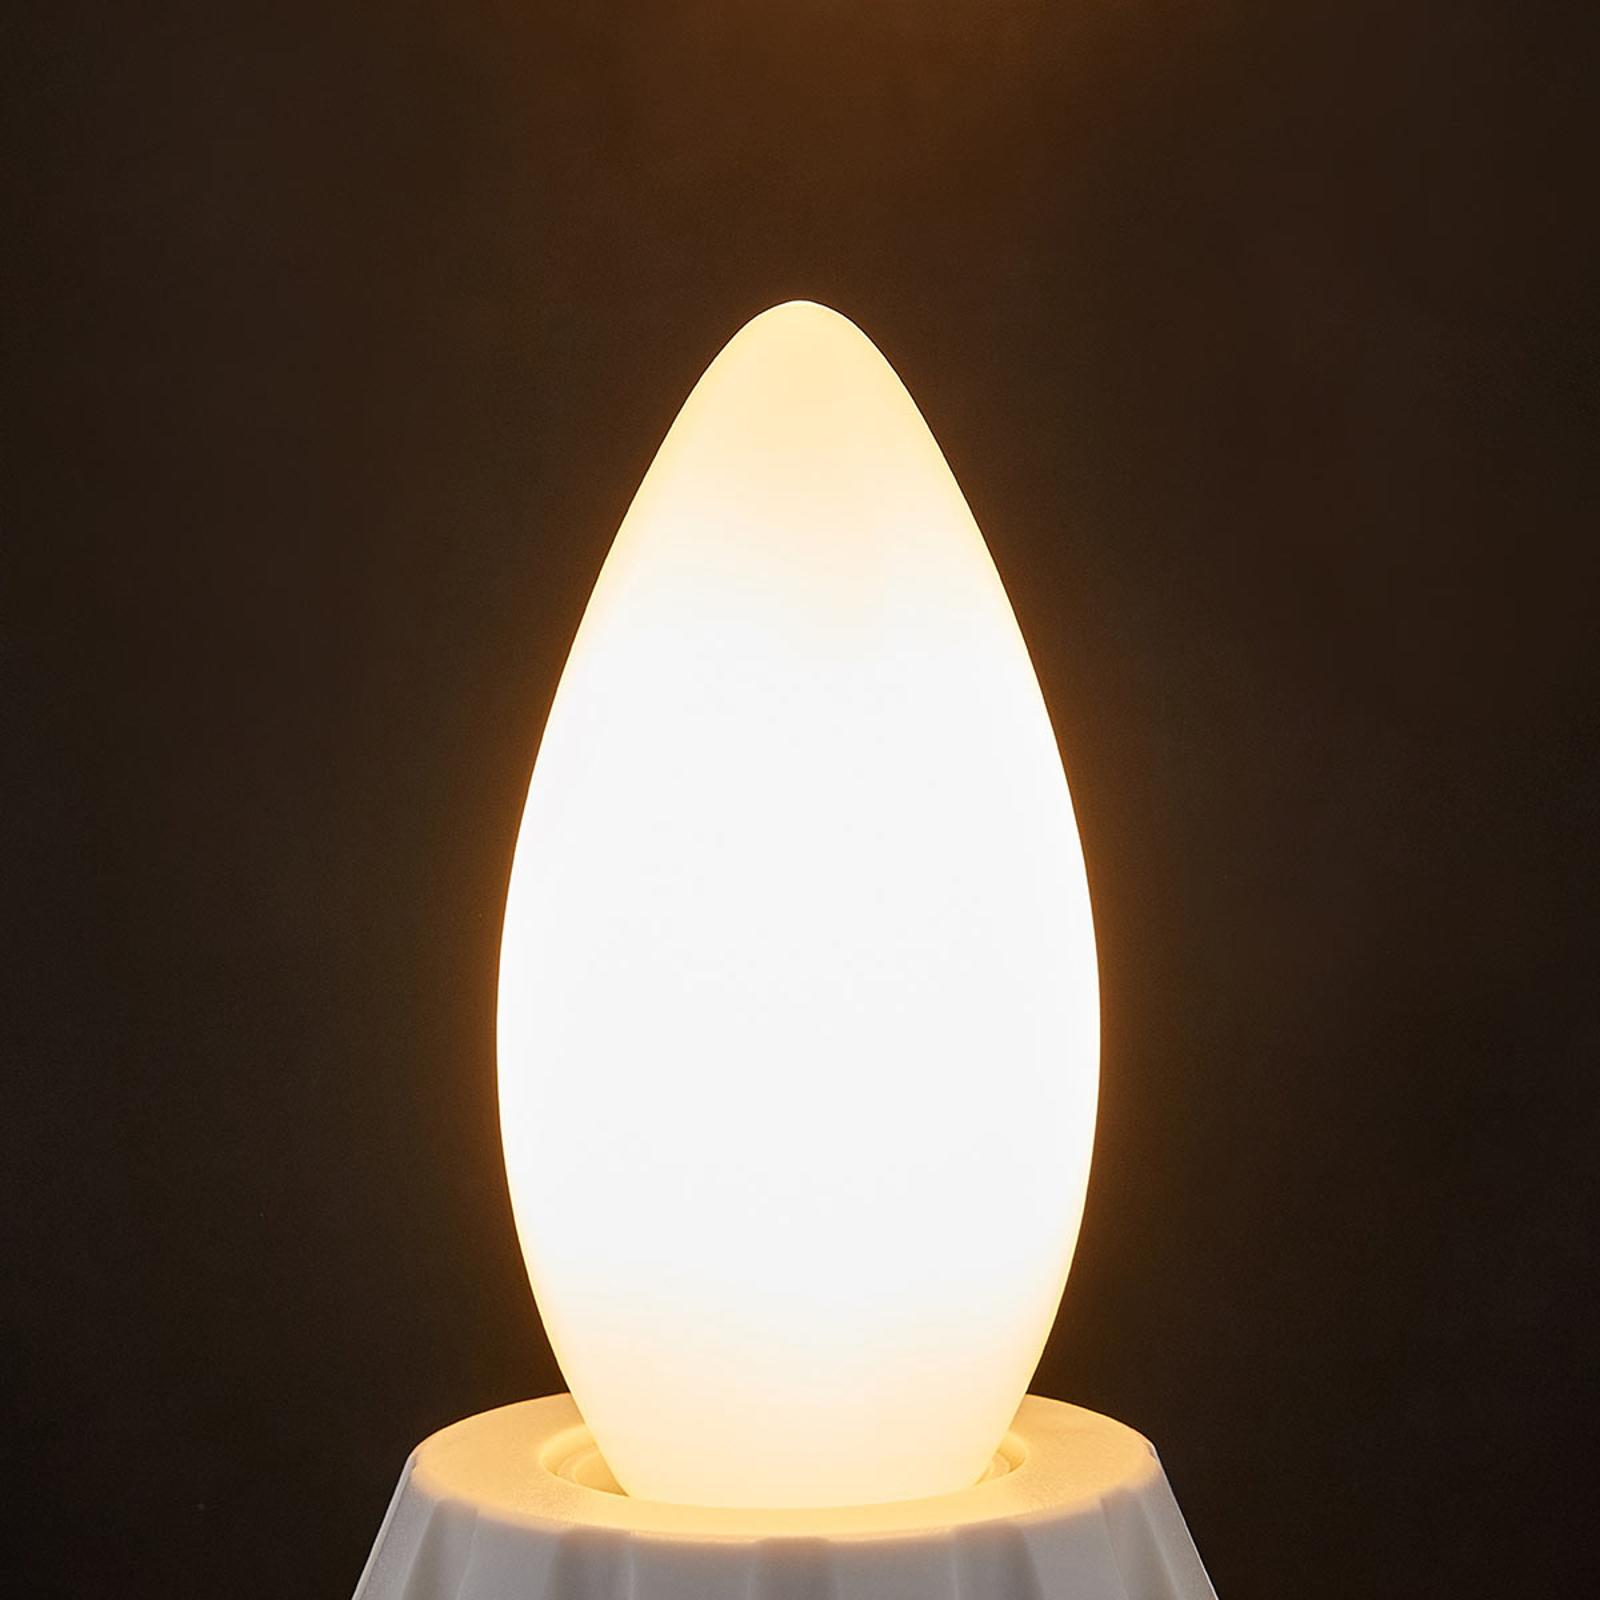 LED svíčková žárovka E14 4W, 400 lm, 2 700K, opál